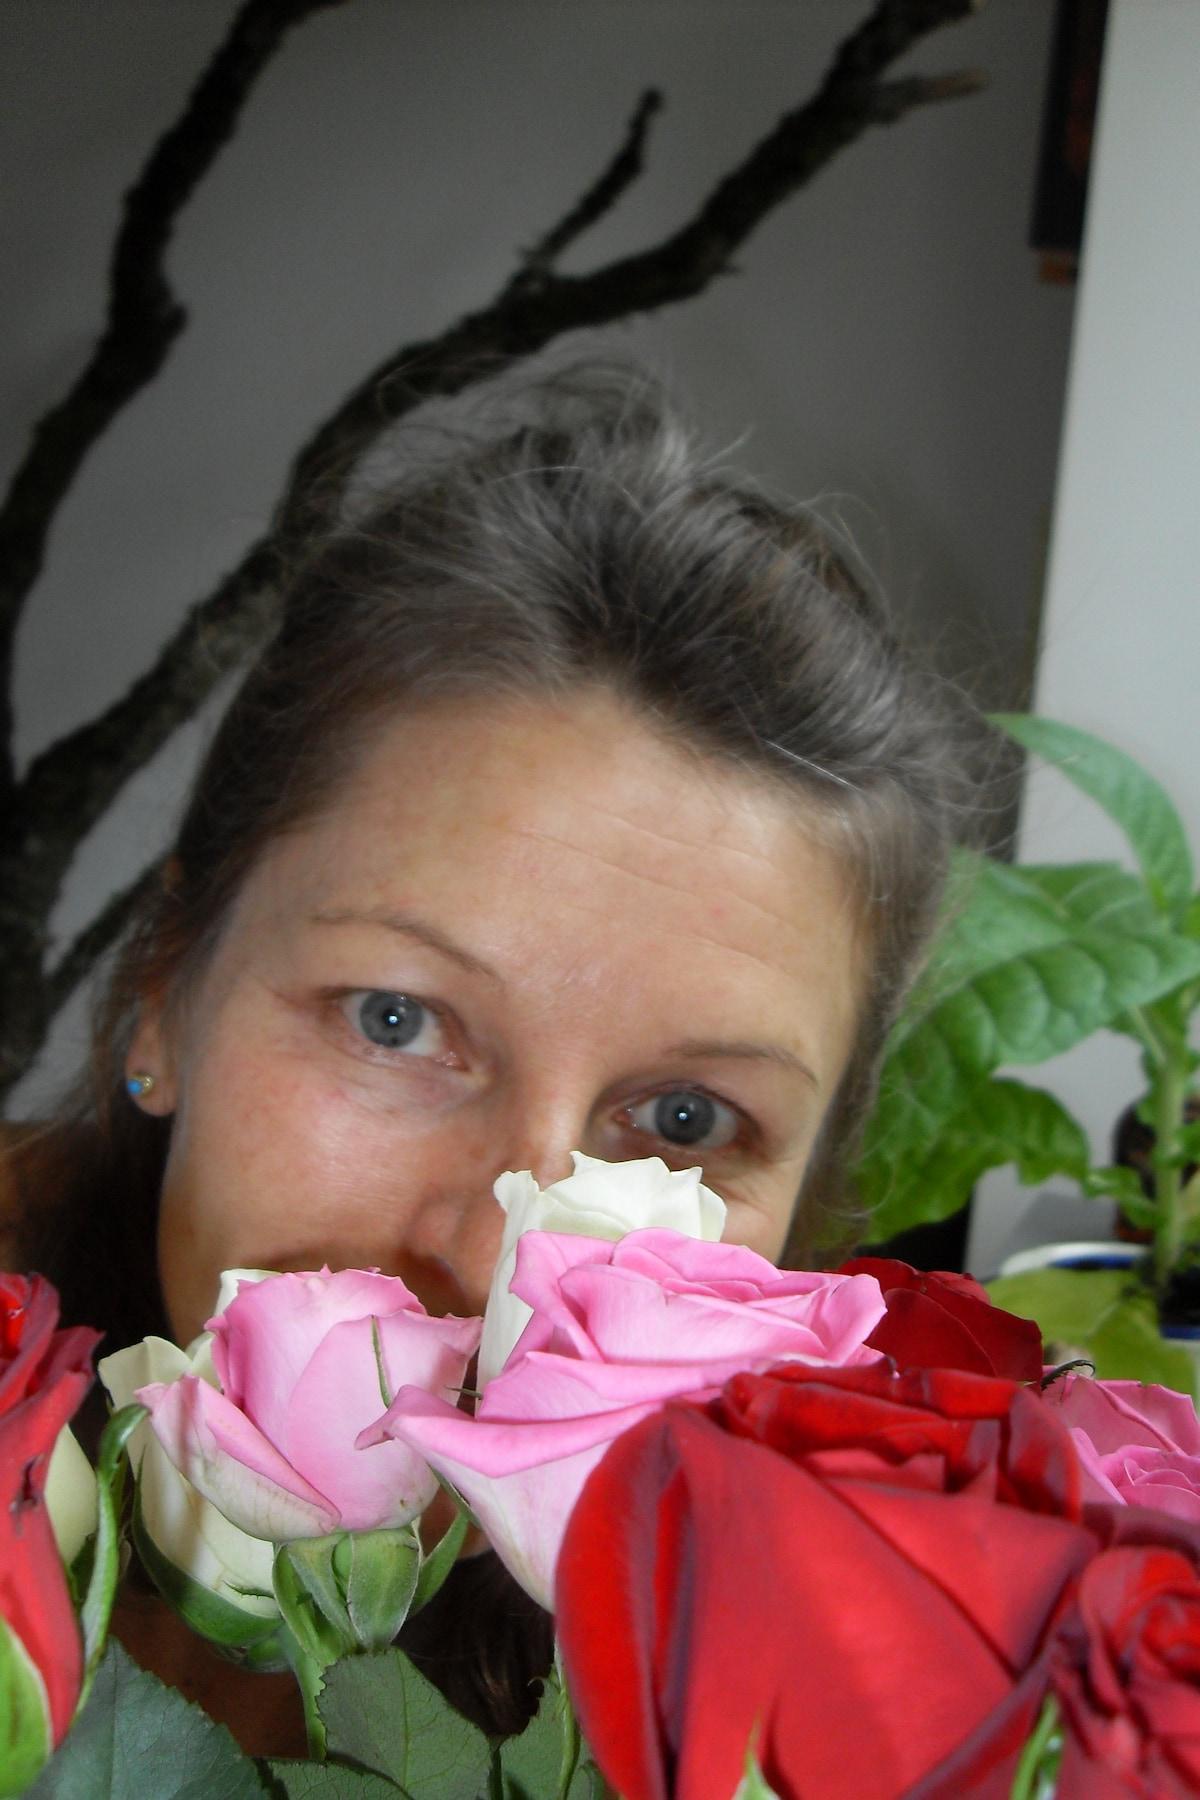 Vilma from Frankfurt